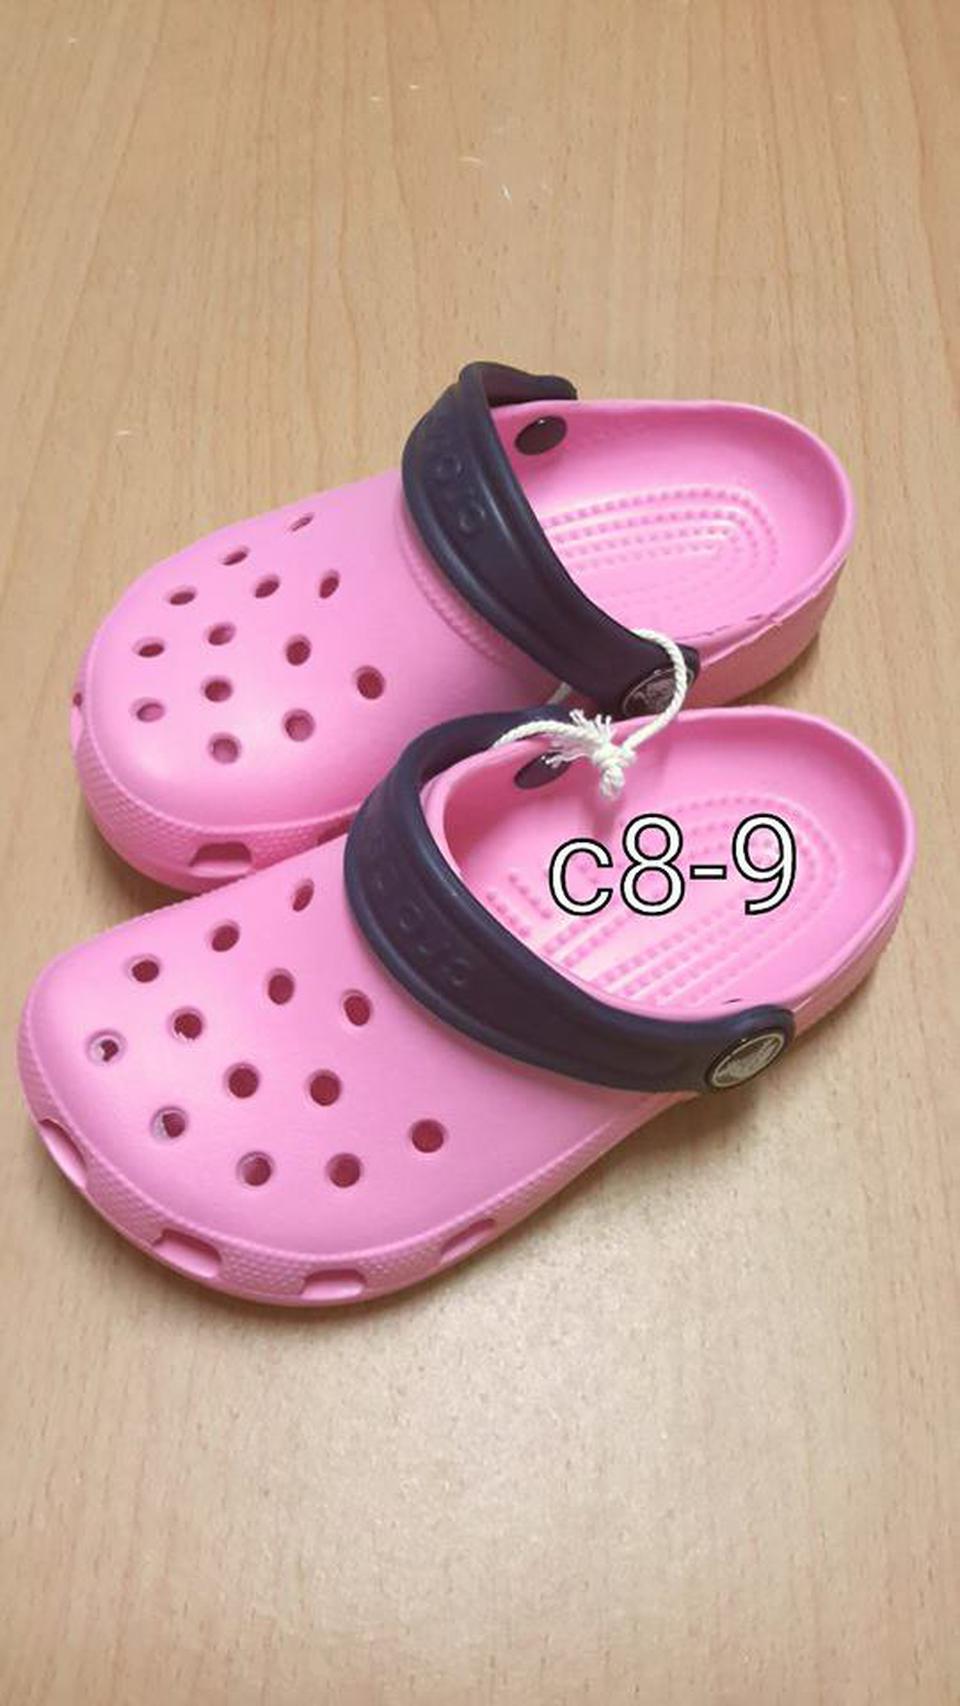 รองเท้าเด็ก crocs ของแท้จากนอกสภาพดี รูปที่ 1